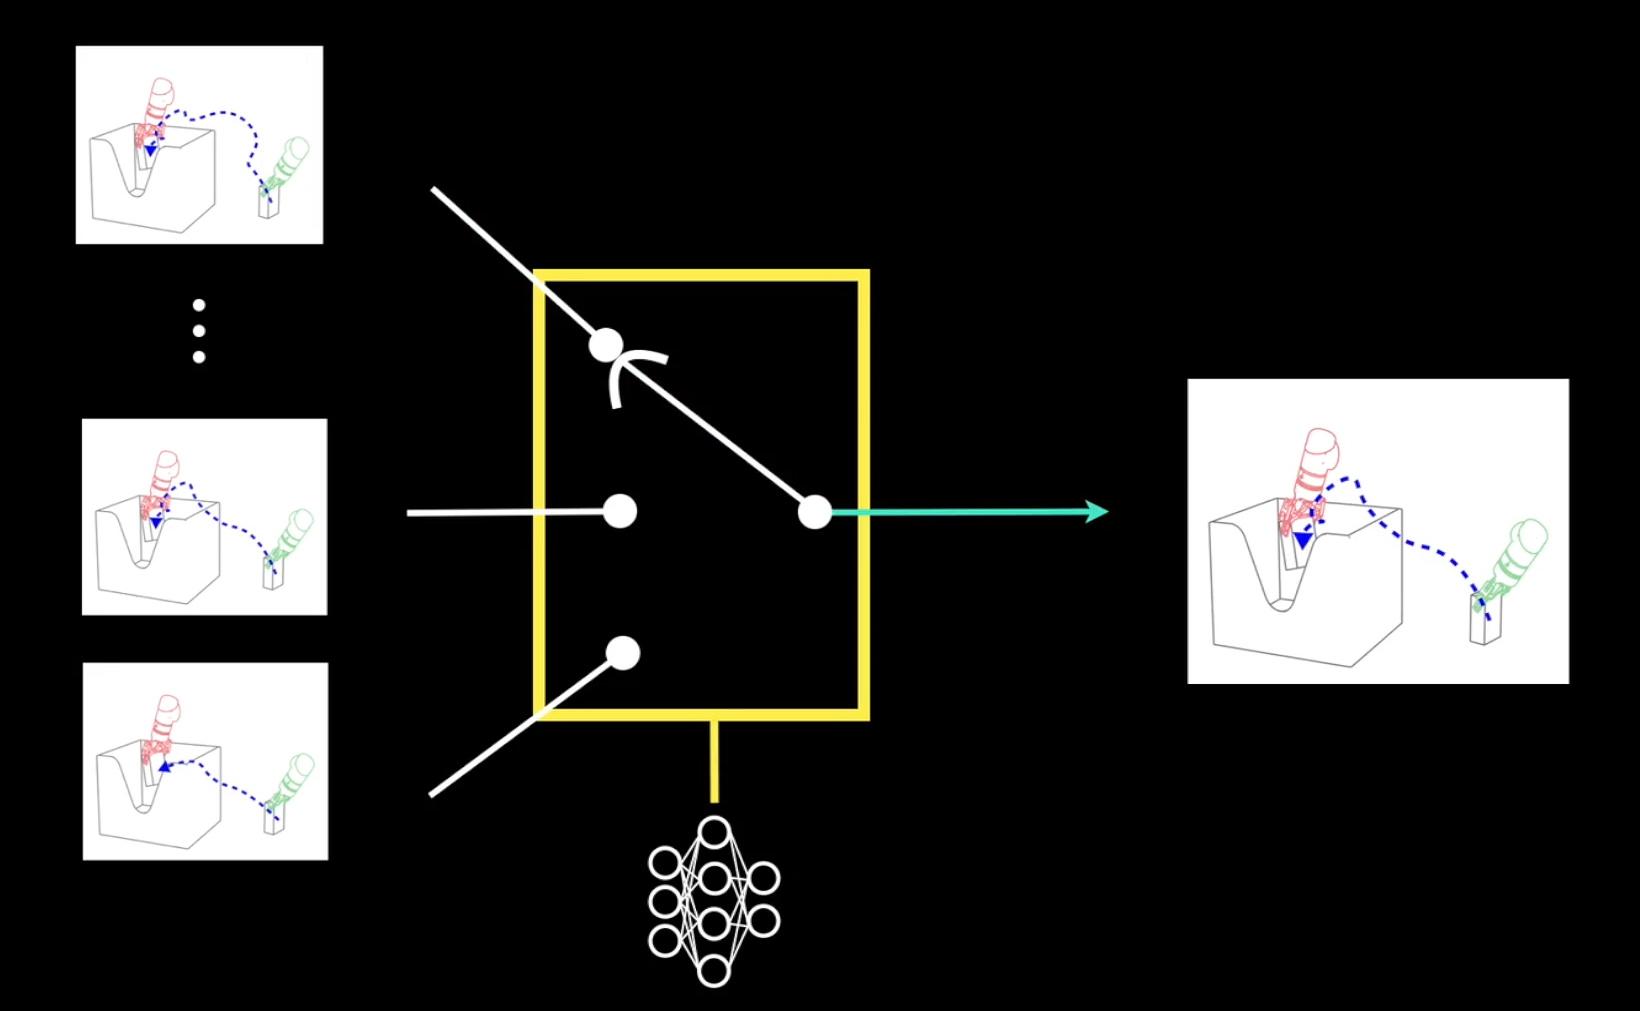 Interlocking AIs let robots